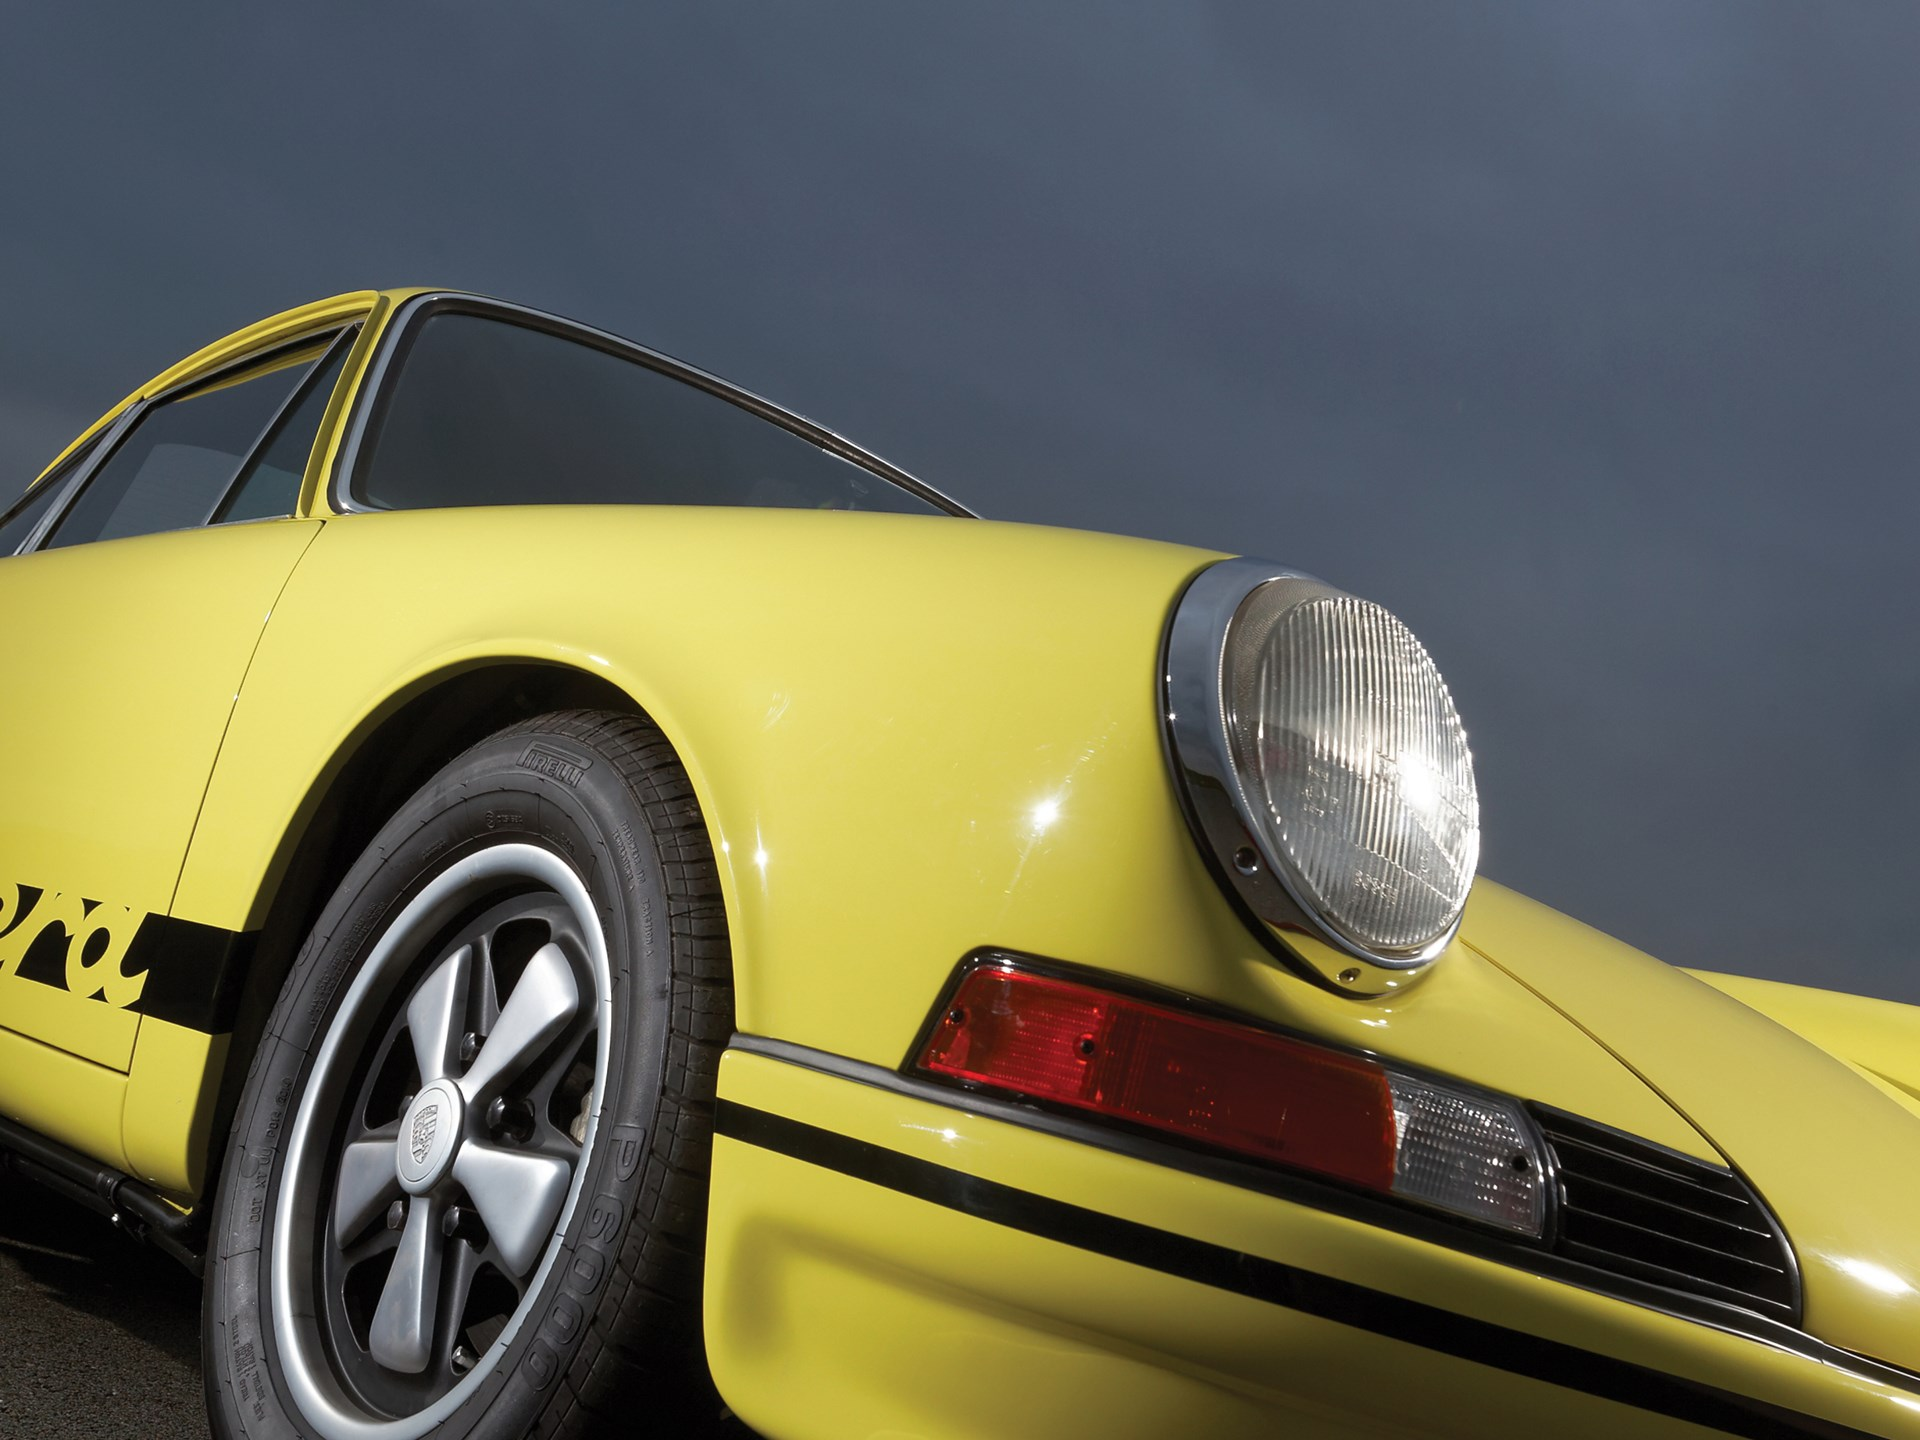 1973 Porsche 911 Carrera RS 2.7 Sports Lightweight